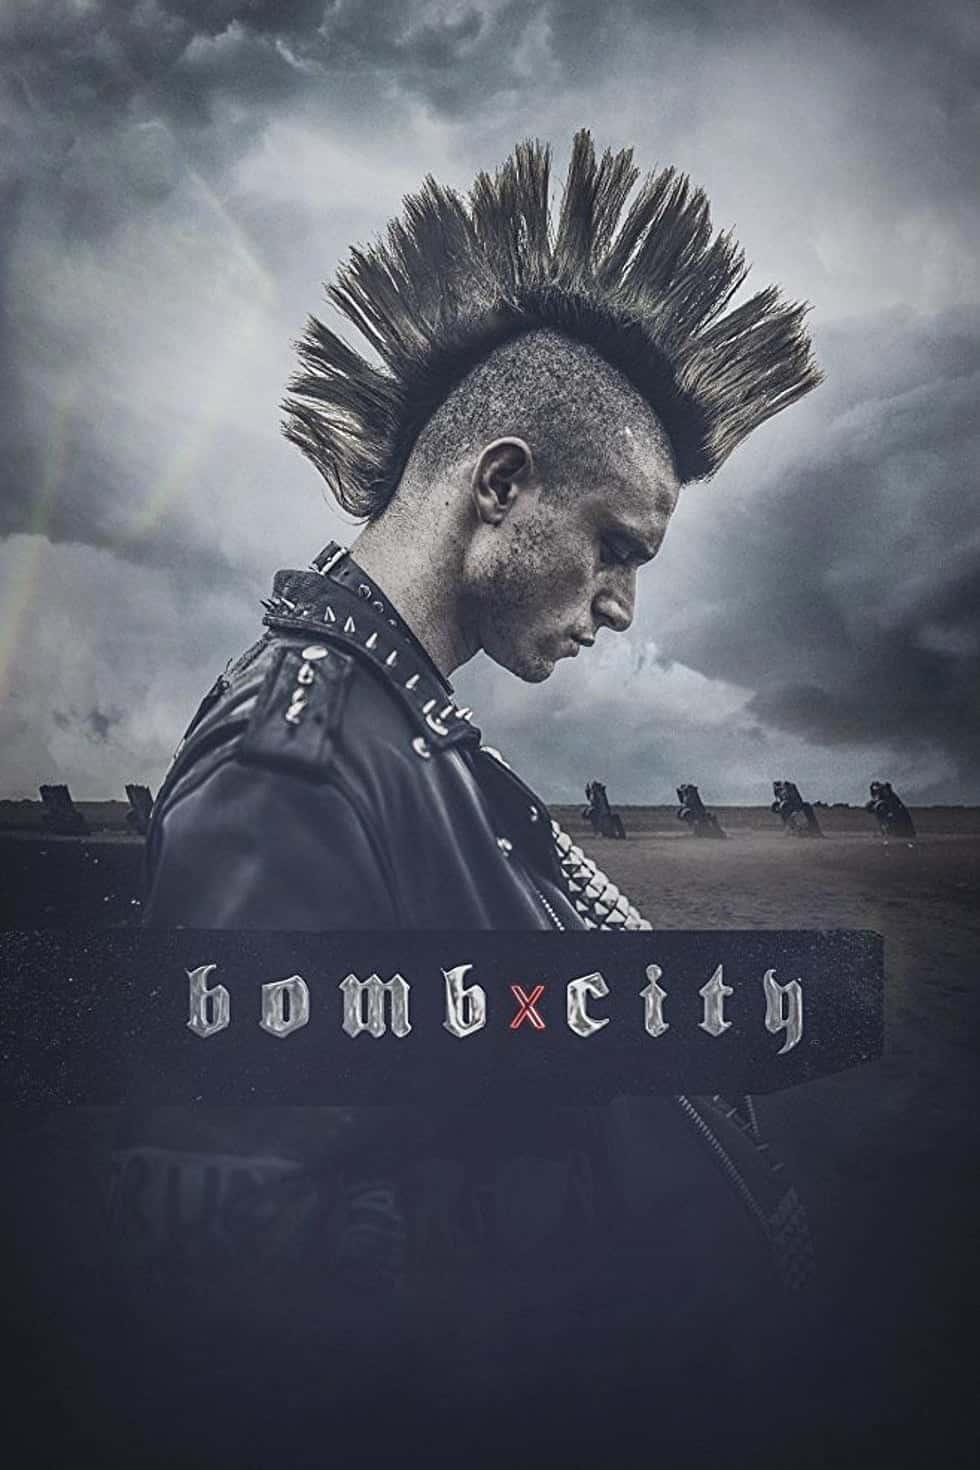 دانلود فیلم Bomb City 2017 با زیرنویس فارسی